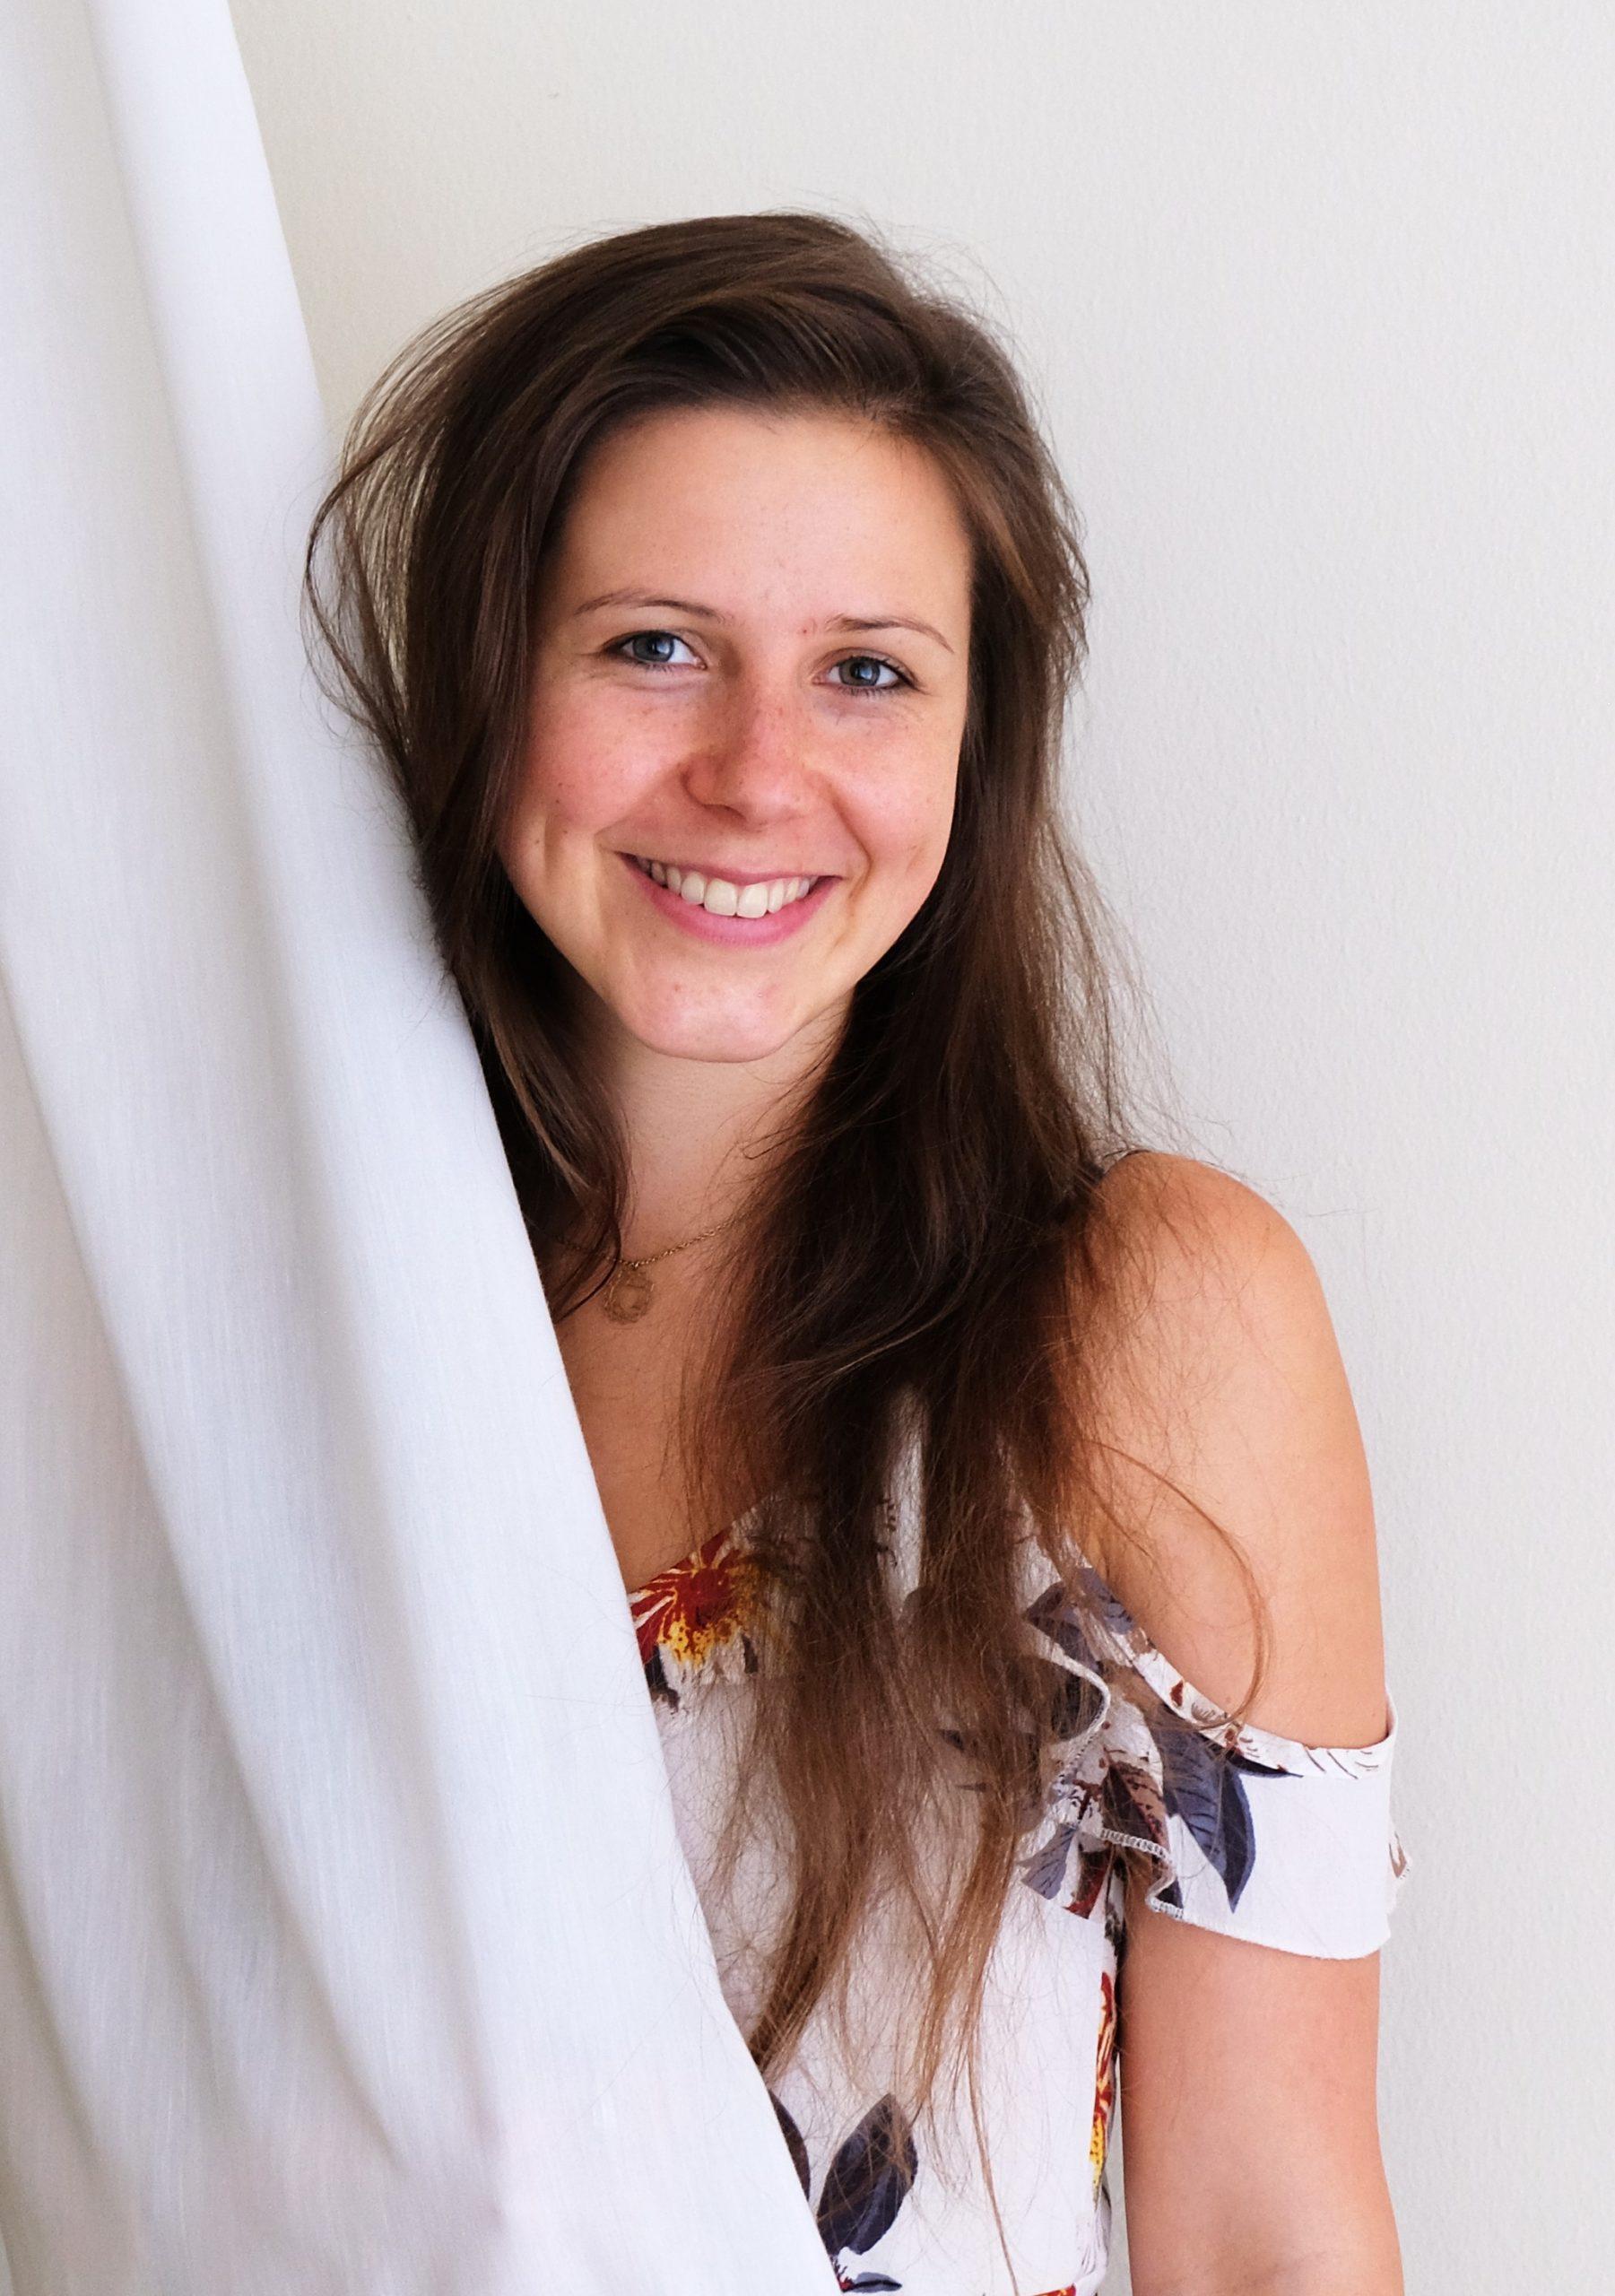 Andrea Hintze